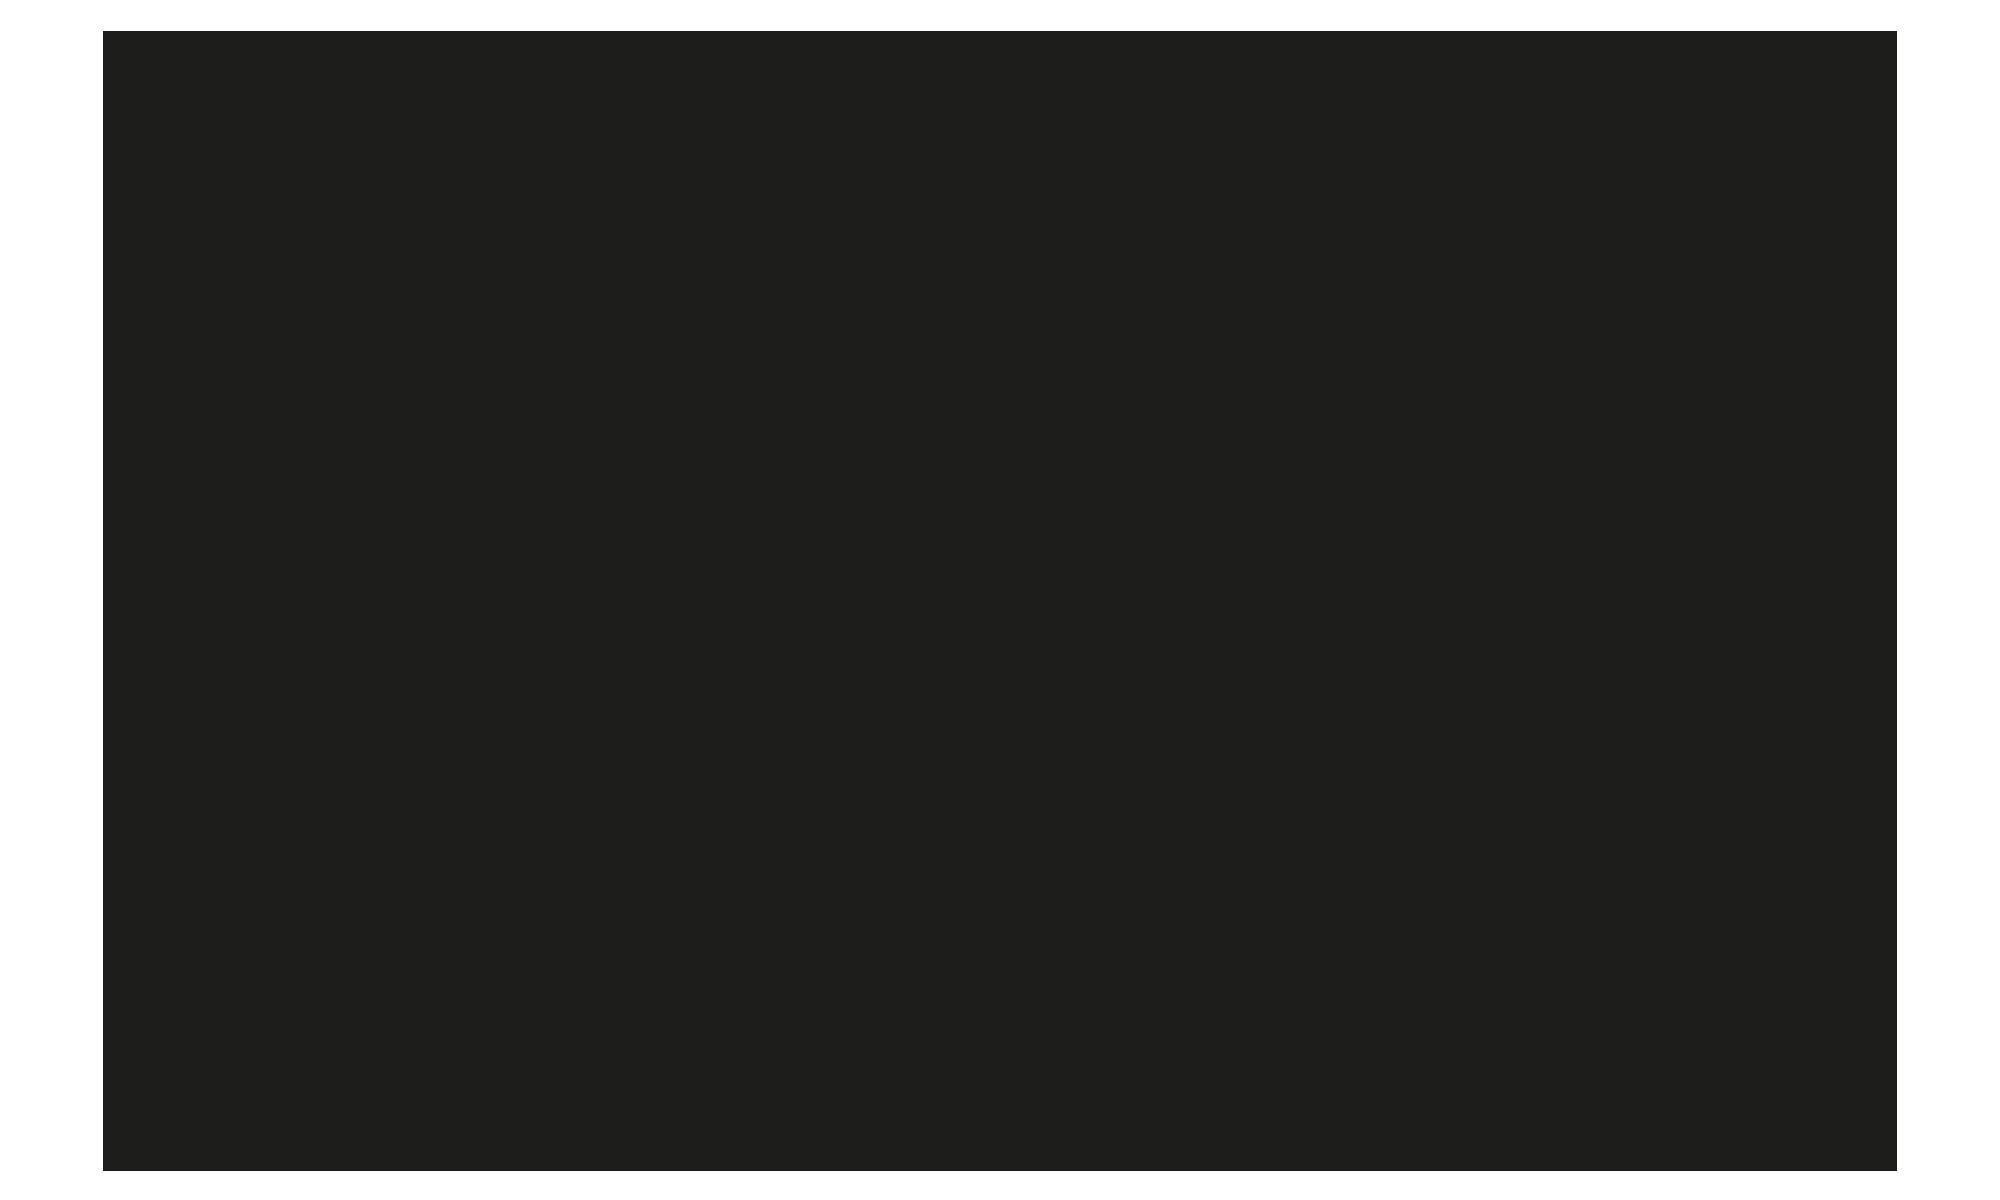 Monoista Kooperation Kunde wiesemann1893 logo png black - Zusammenarbeit